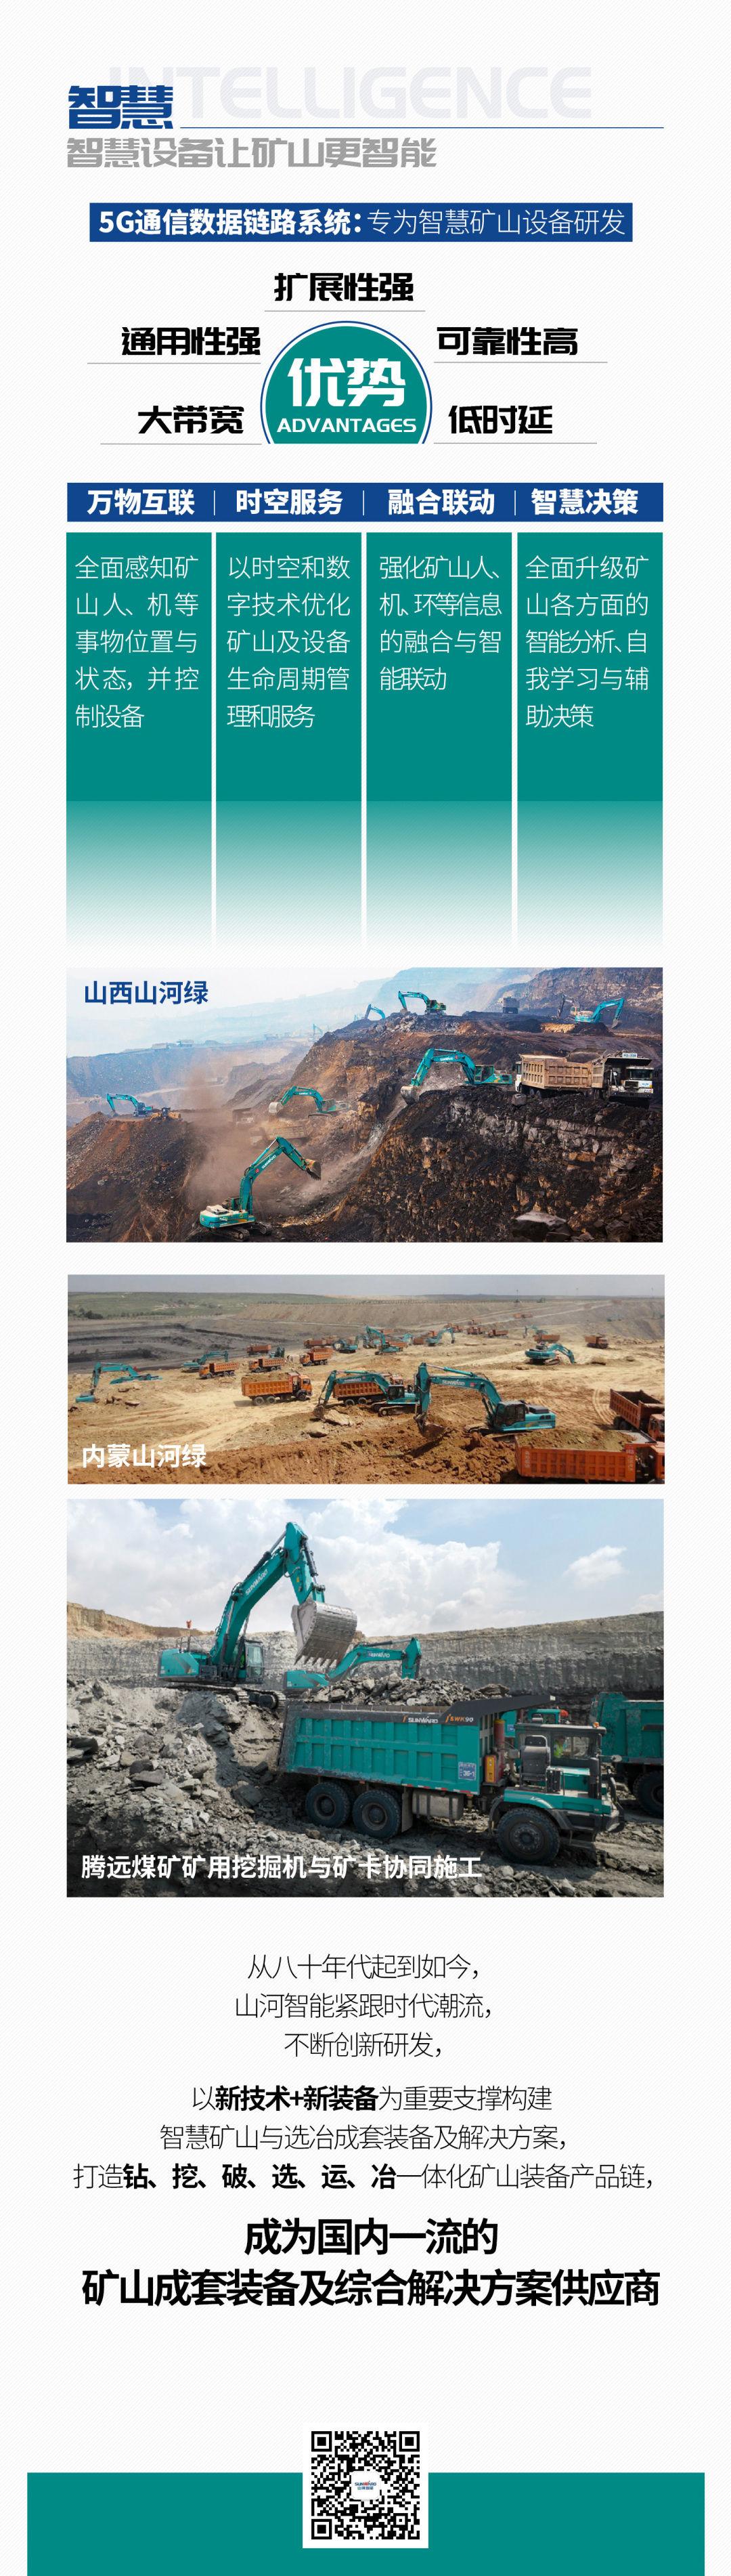 一图读懂   6大作业场景全覆盖,山河智能绿色矿山与冶炼成套装备优势凸显